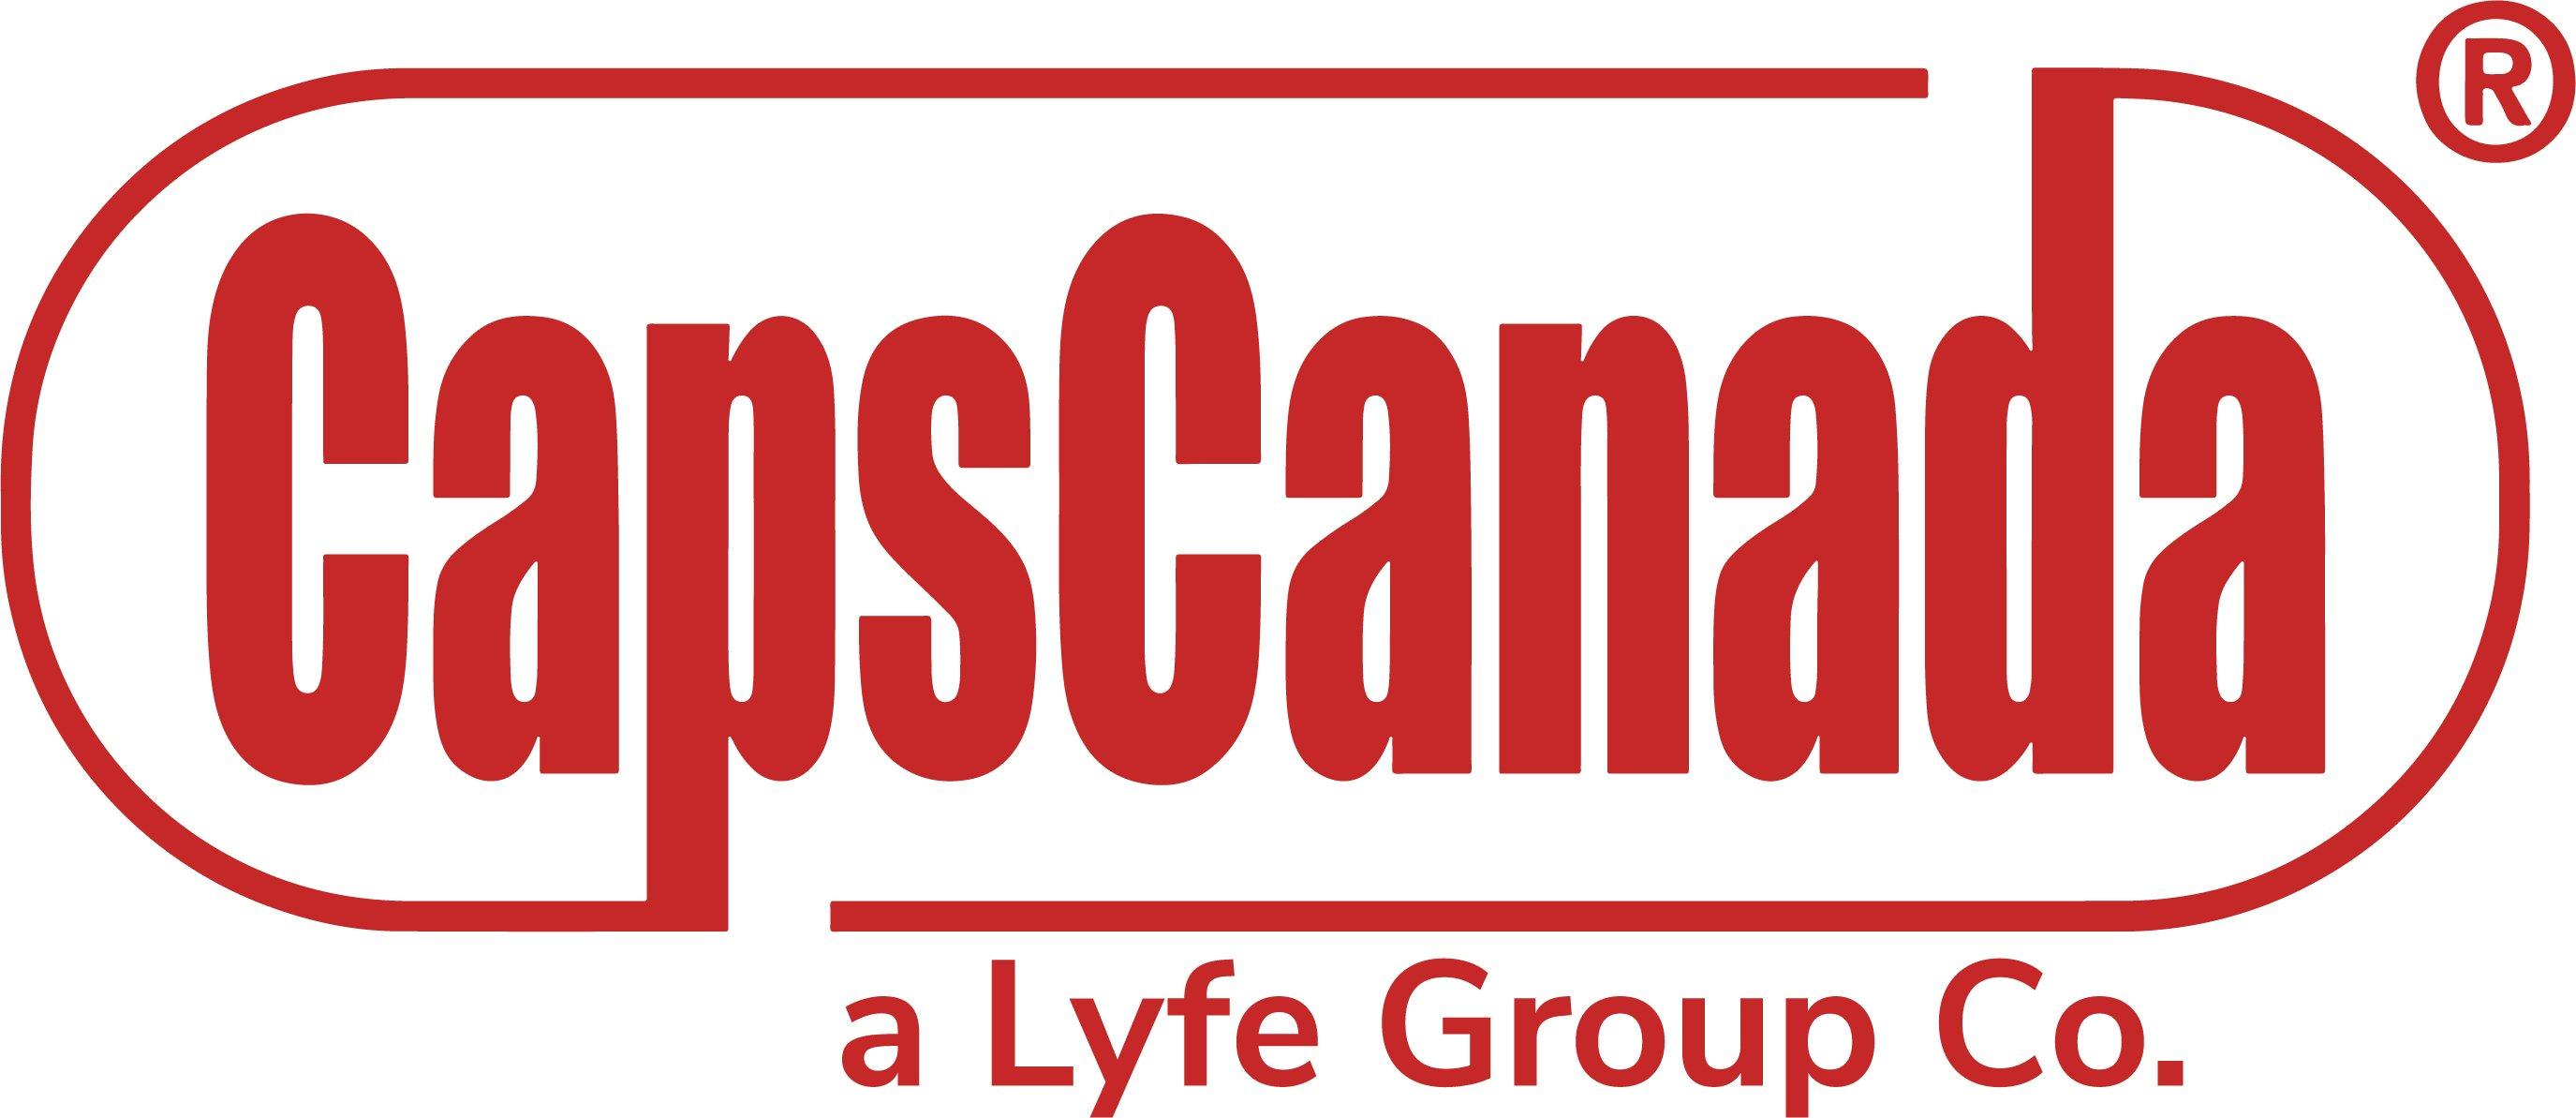 CapsCanada_Logo_300ppi_Red-logo